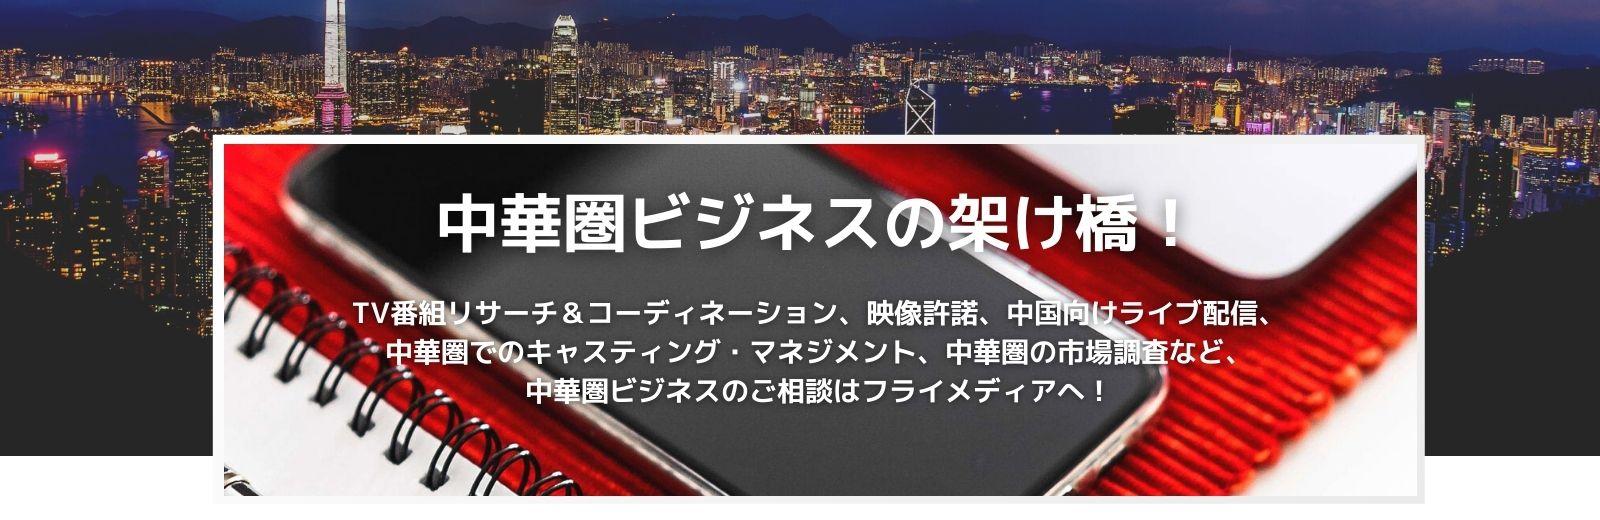 アジアの情報を世界に!株式会社フライメディア ASIA INFORMATION TO THE WORLD! FLY MEDIA CO.,LTD